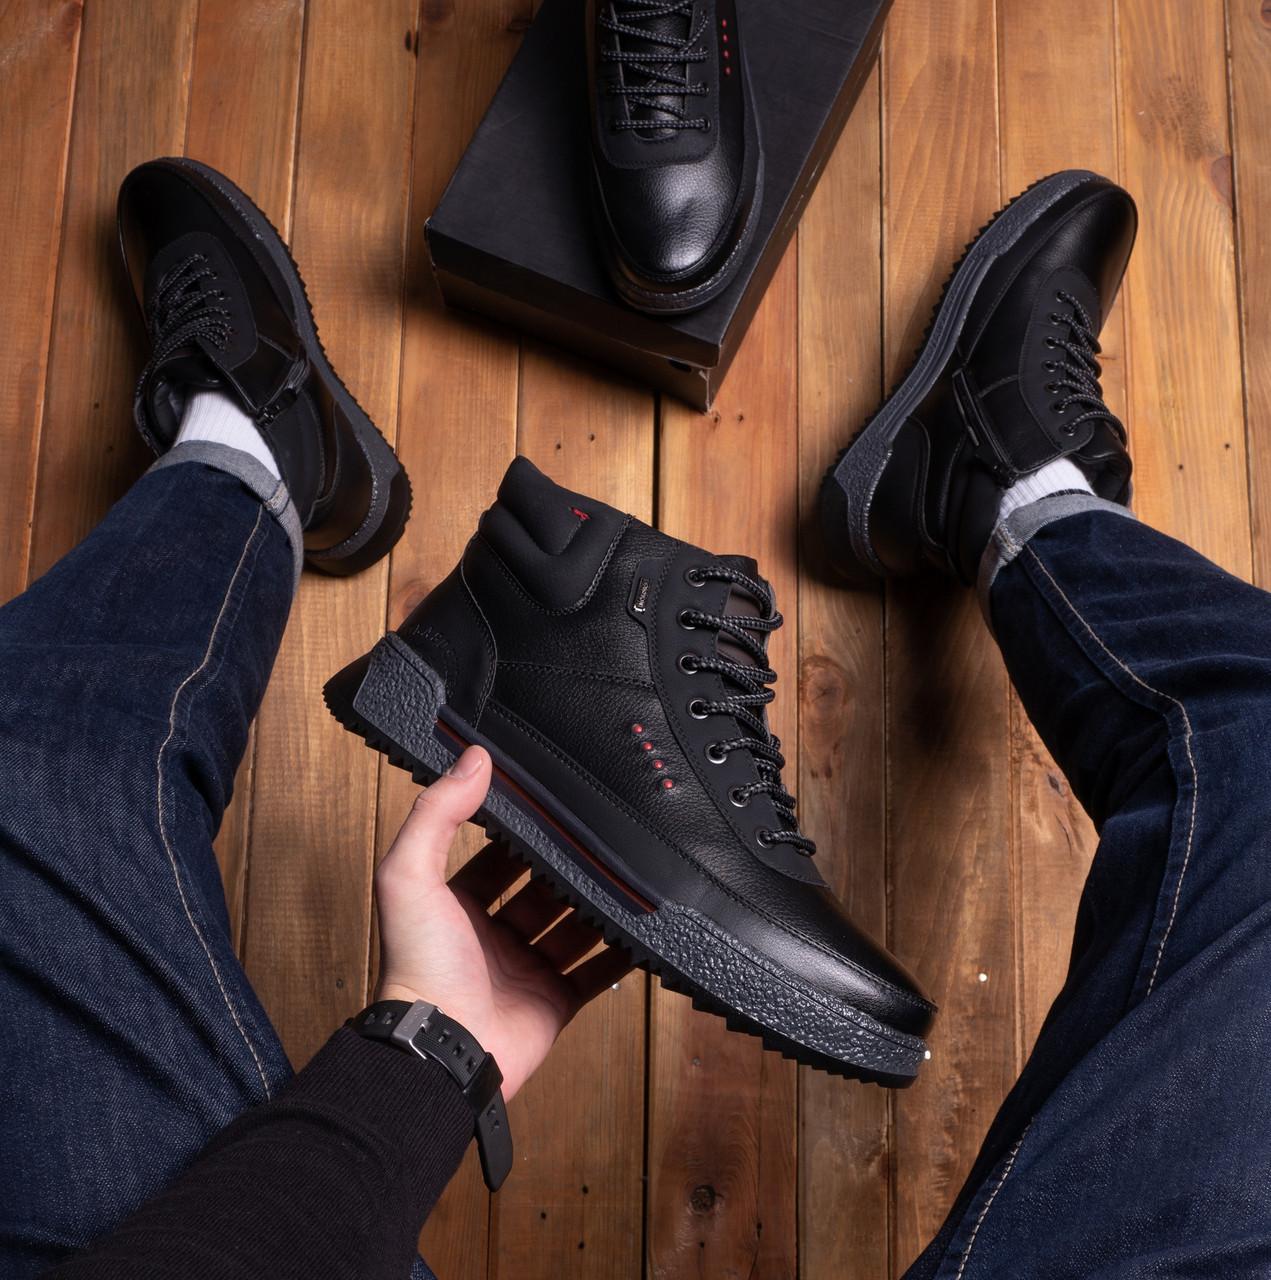 Мужские ботинки Харос Бланш Pobedov (черные)